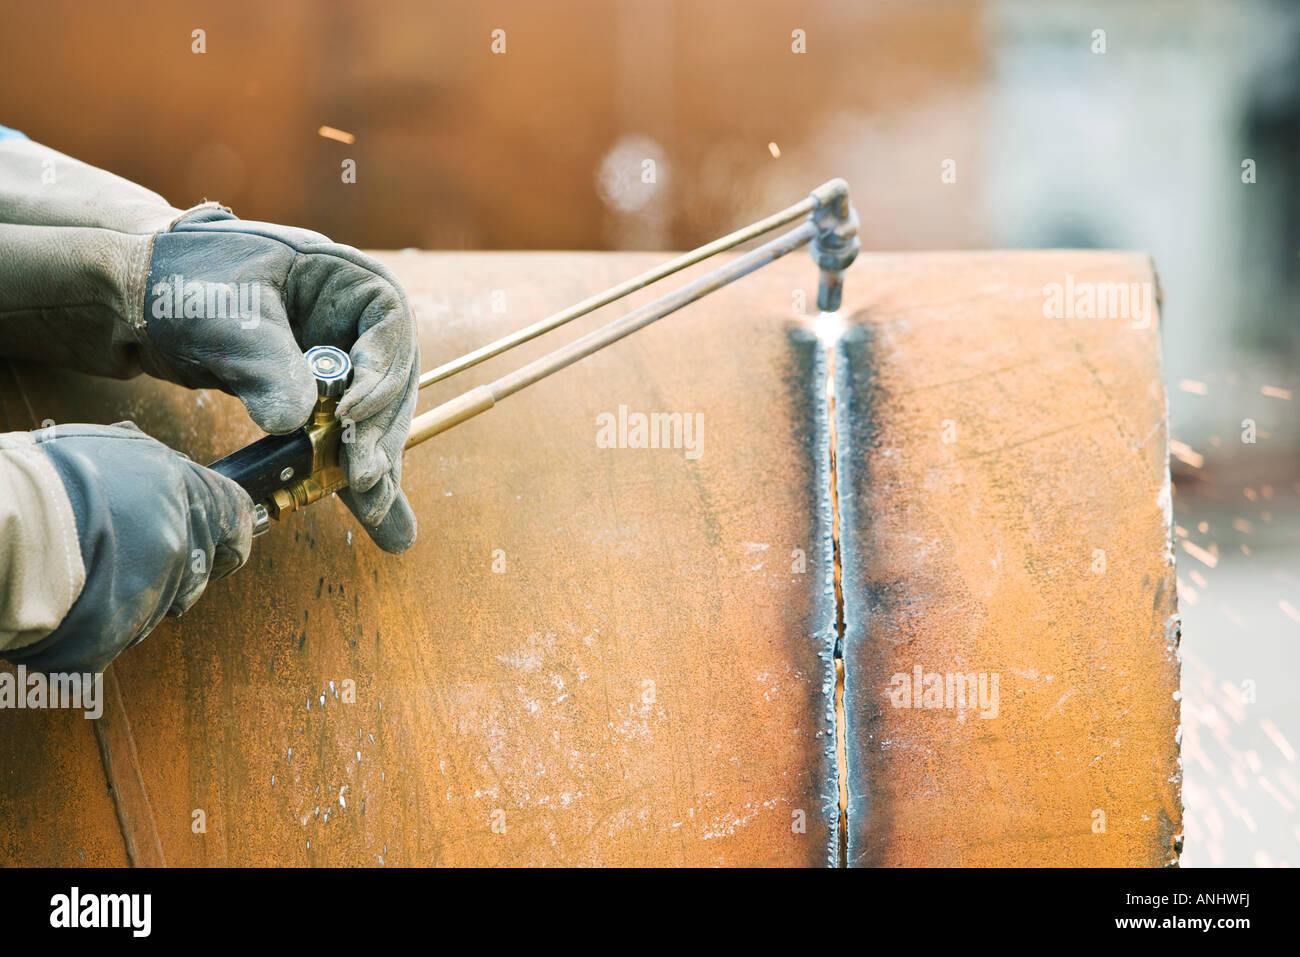 Welder - Stock Image